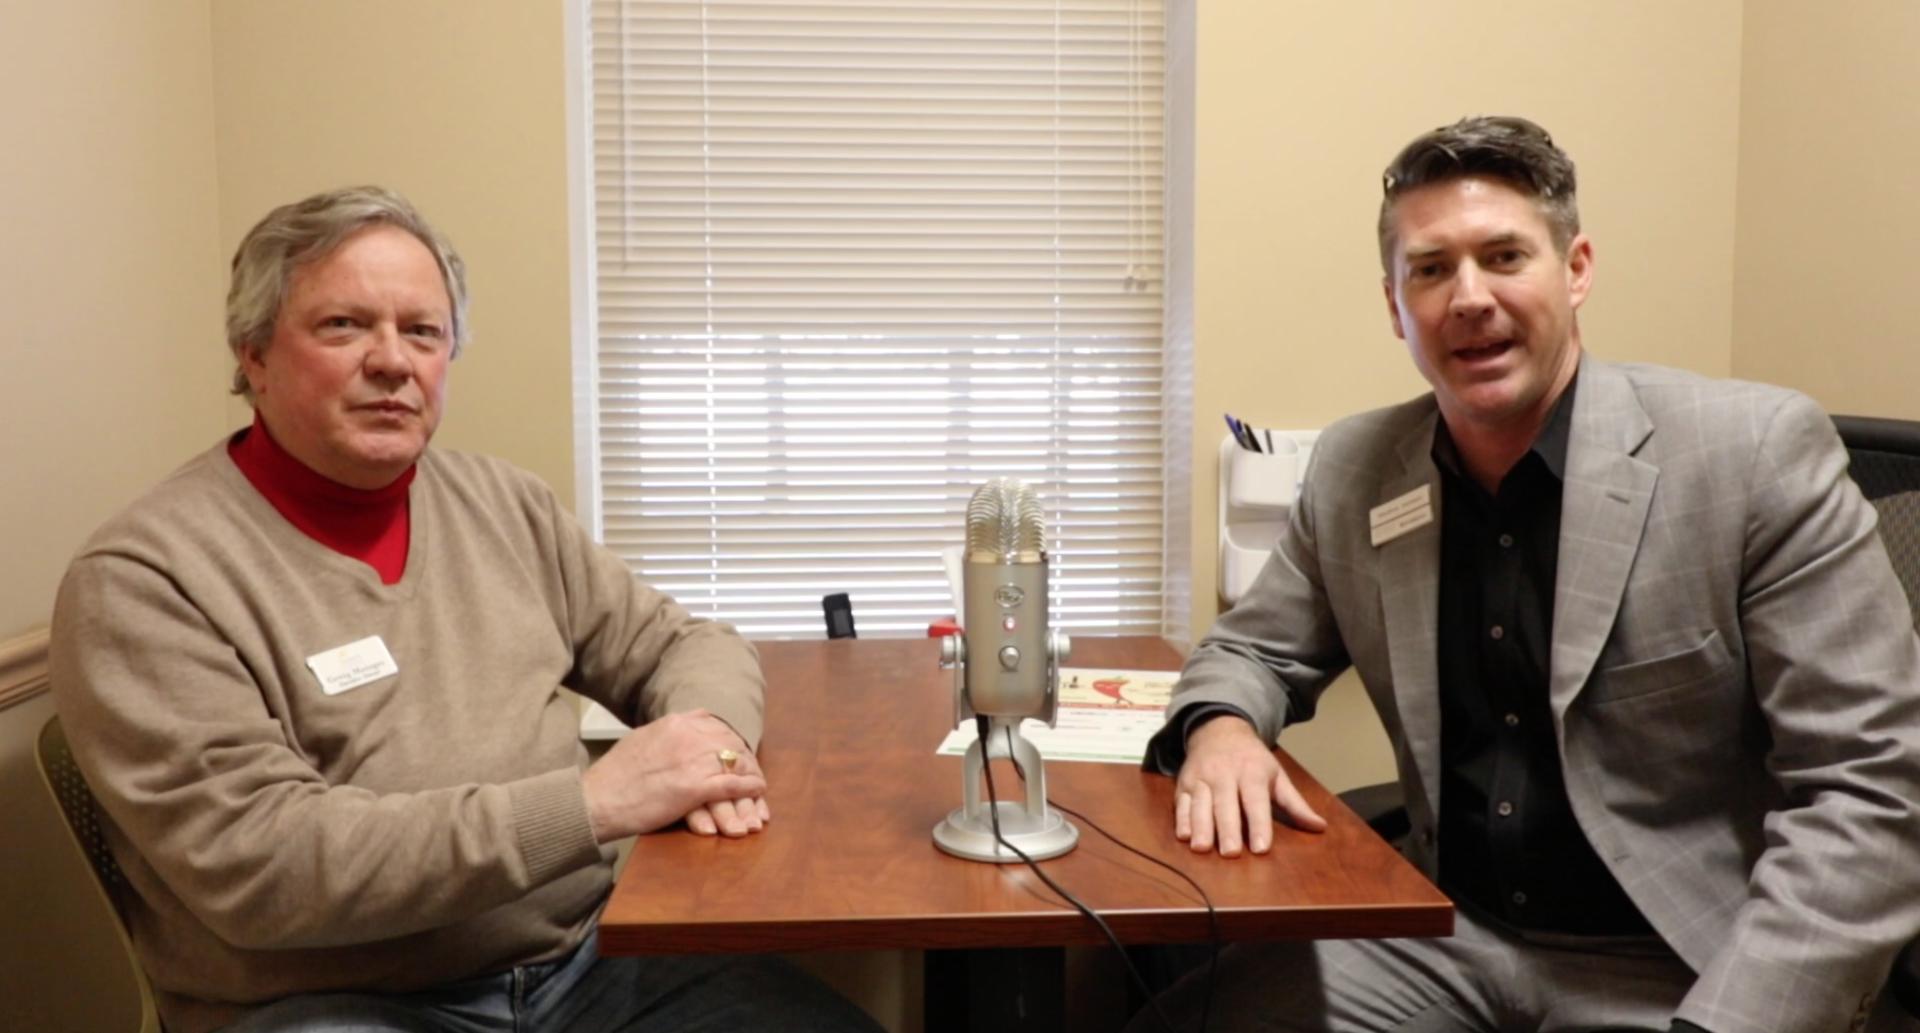 Whats Up Woodbury – Christian Cupboard Emergency Foodshelf